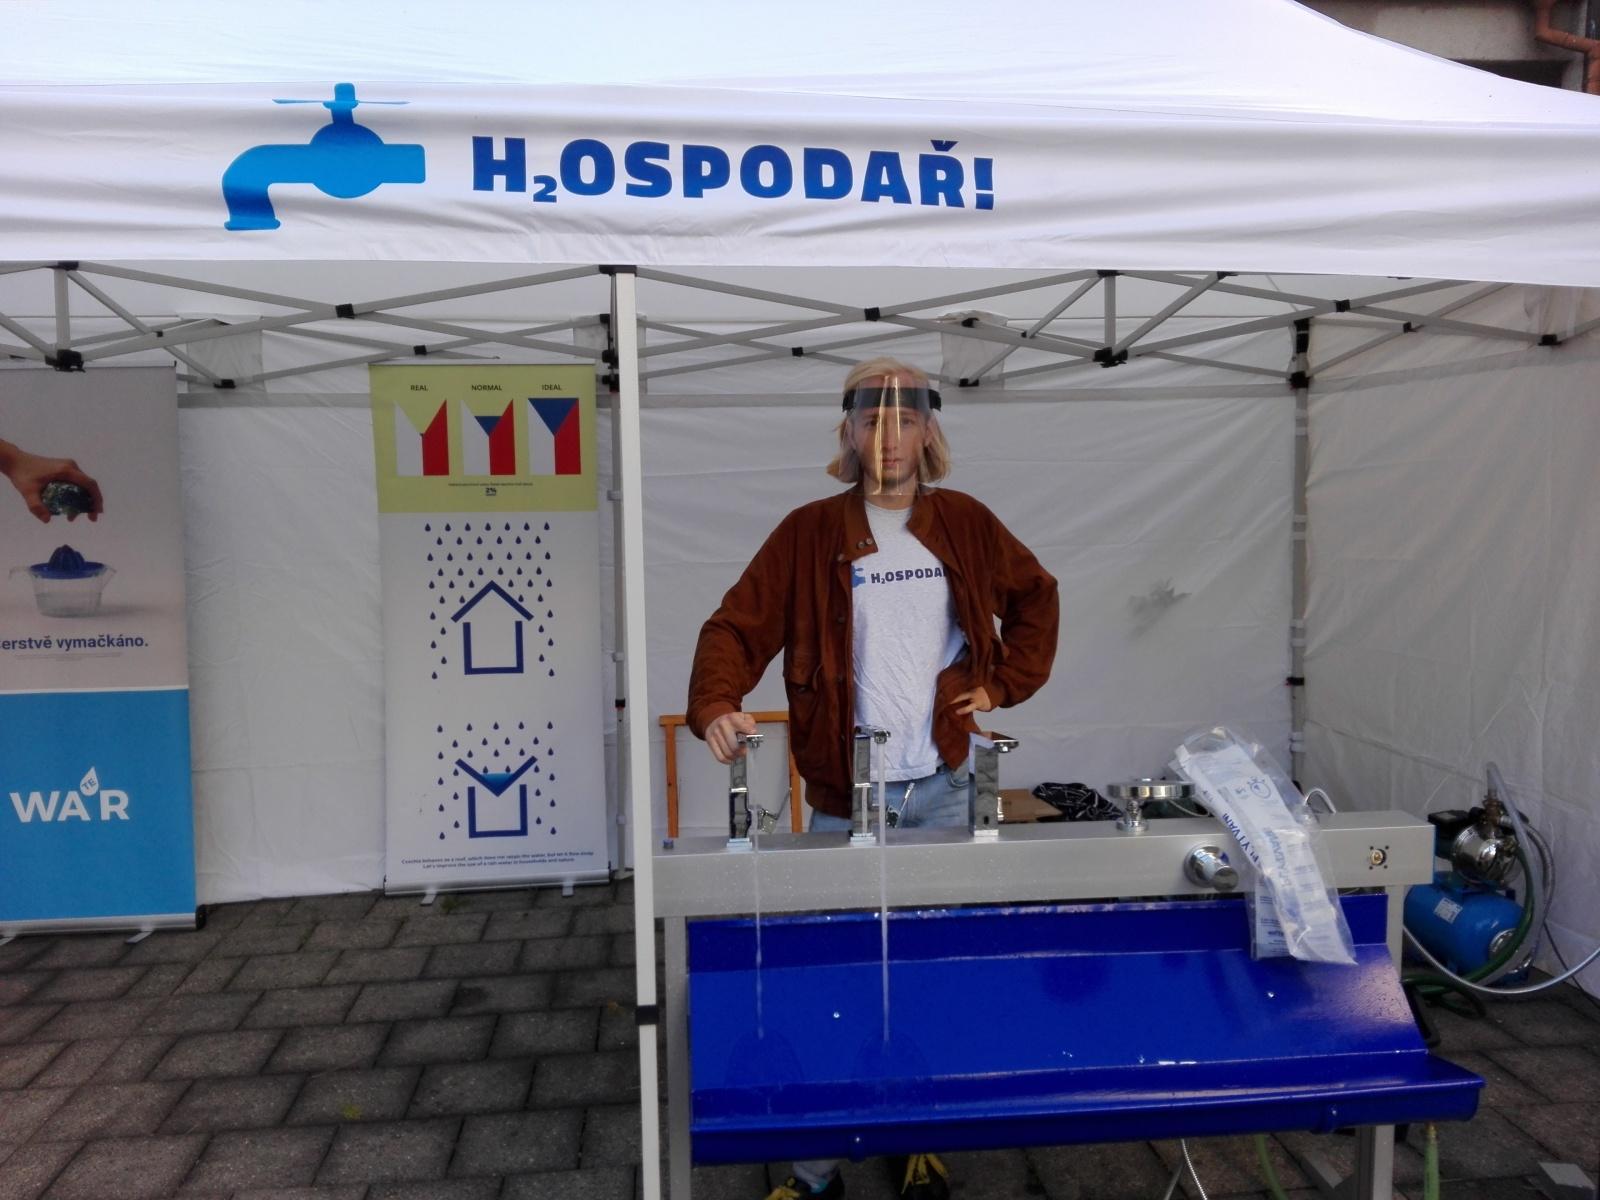 Náš H2Ospodář je připraven!